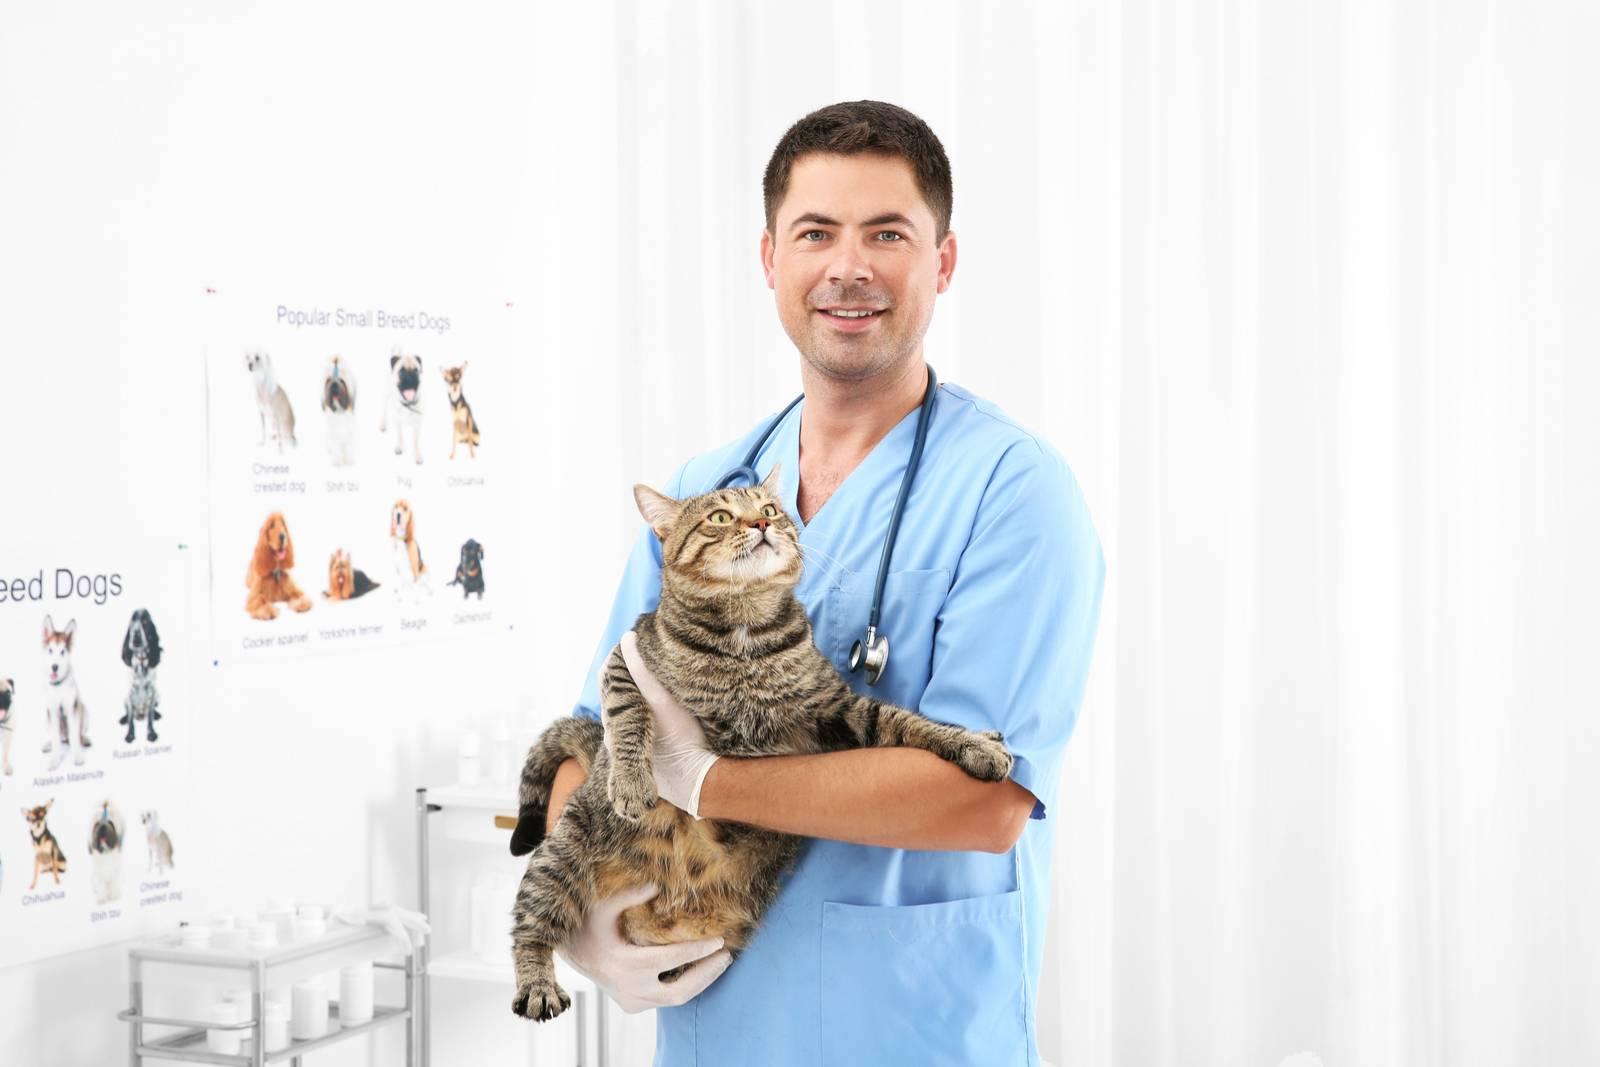 оказание ветеринарных услуг